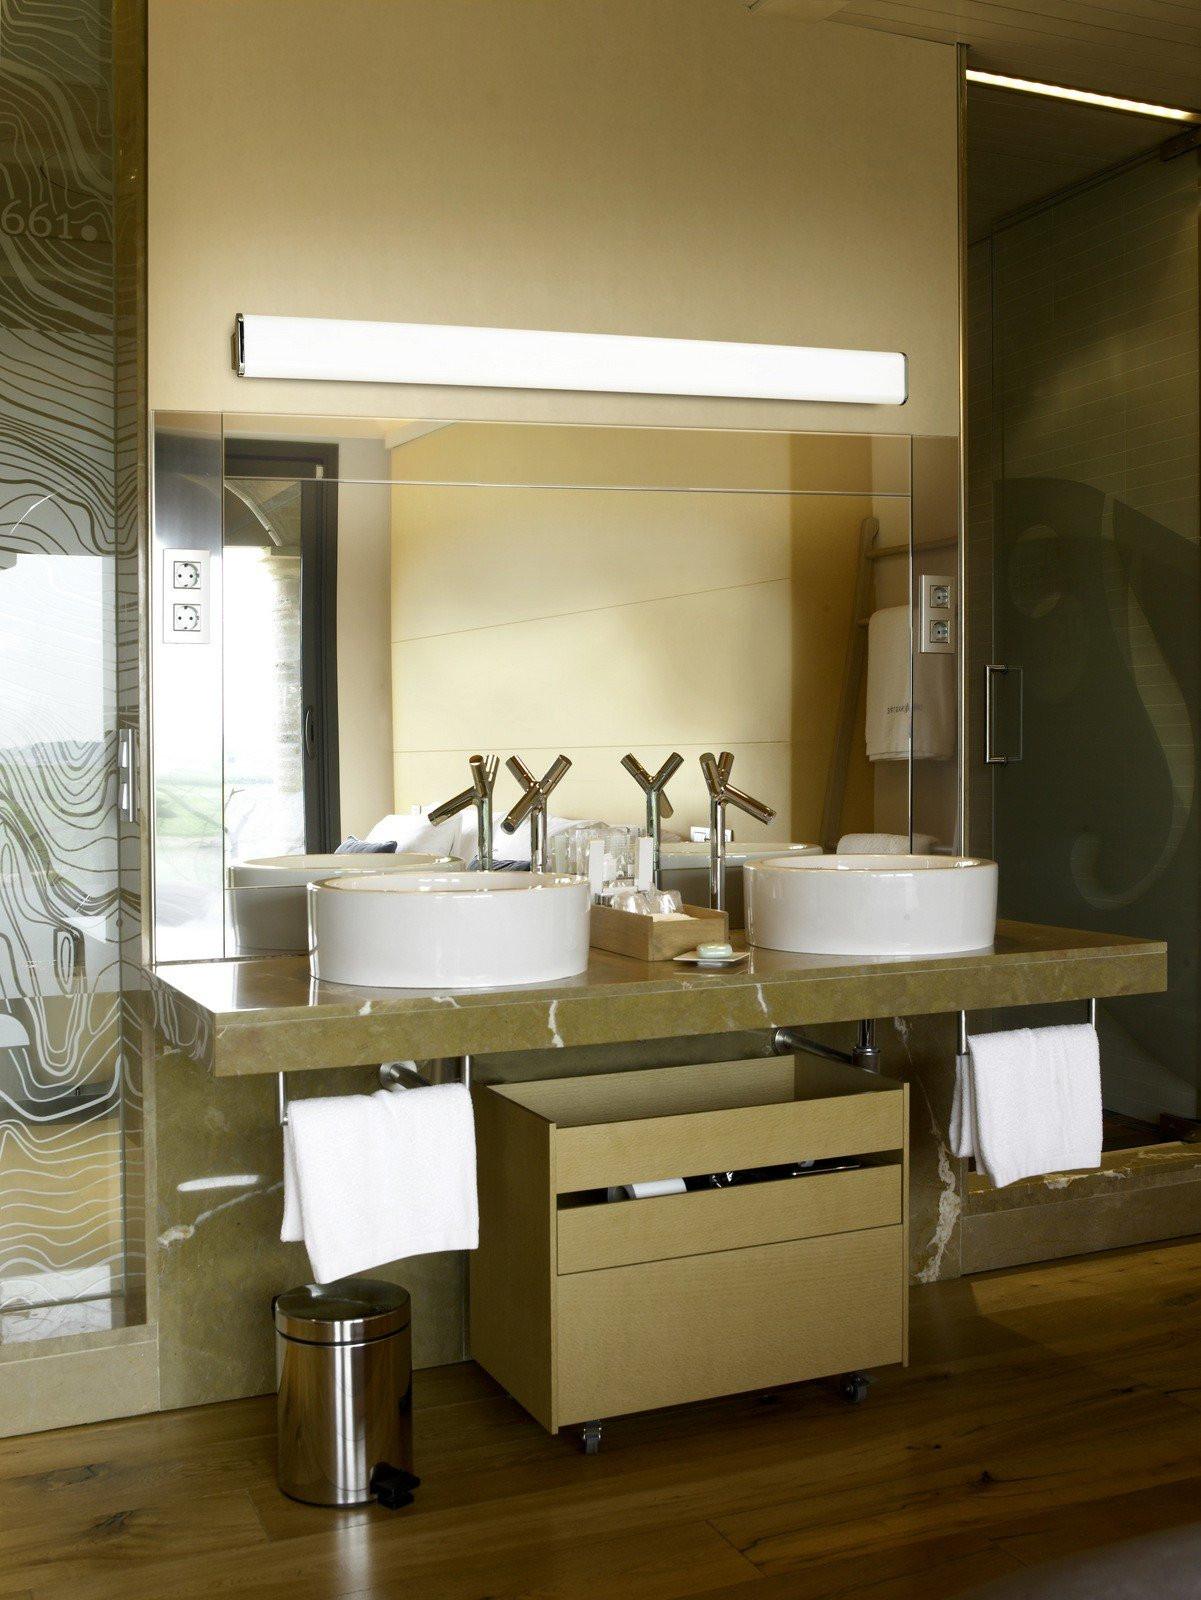 eclairage miroir salle de bain lapeyre ... Luminaire Salle De Bain Lapeyre Beau Photos Luminaire Miroir Salle De  Bain Frais Best Miroir Avec ...